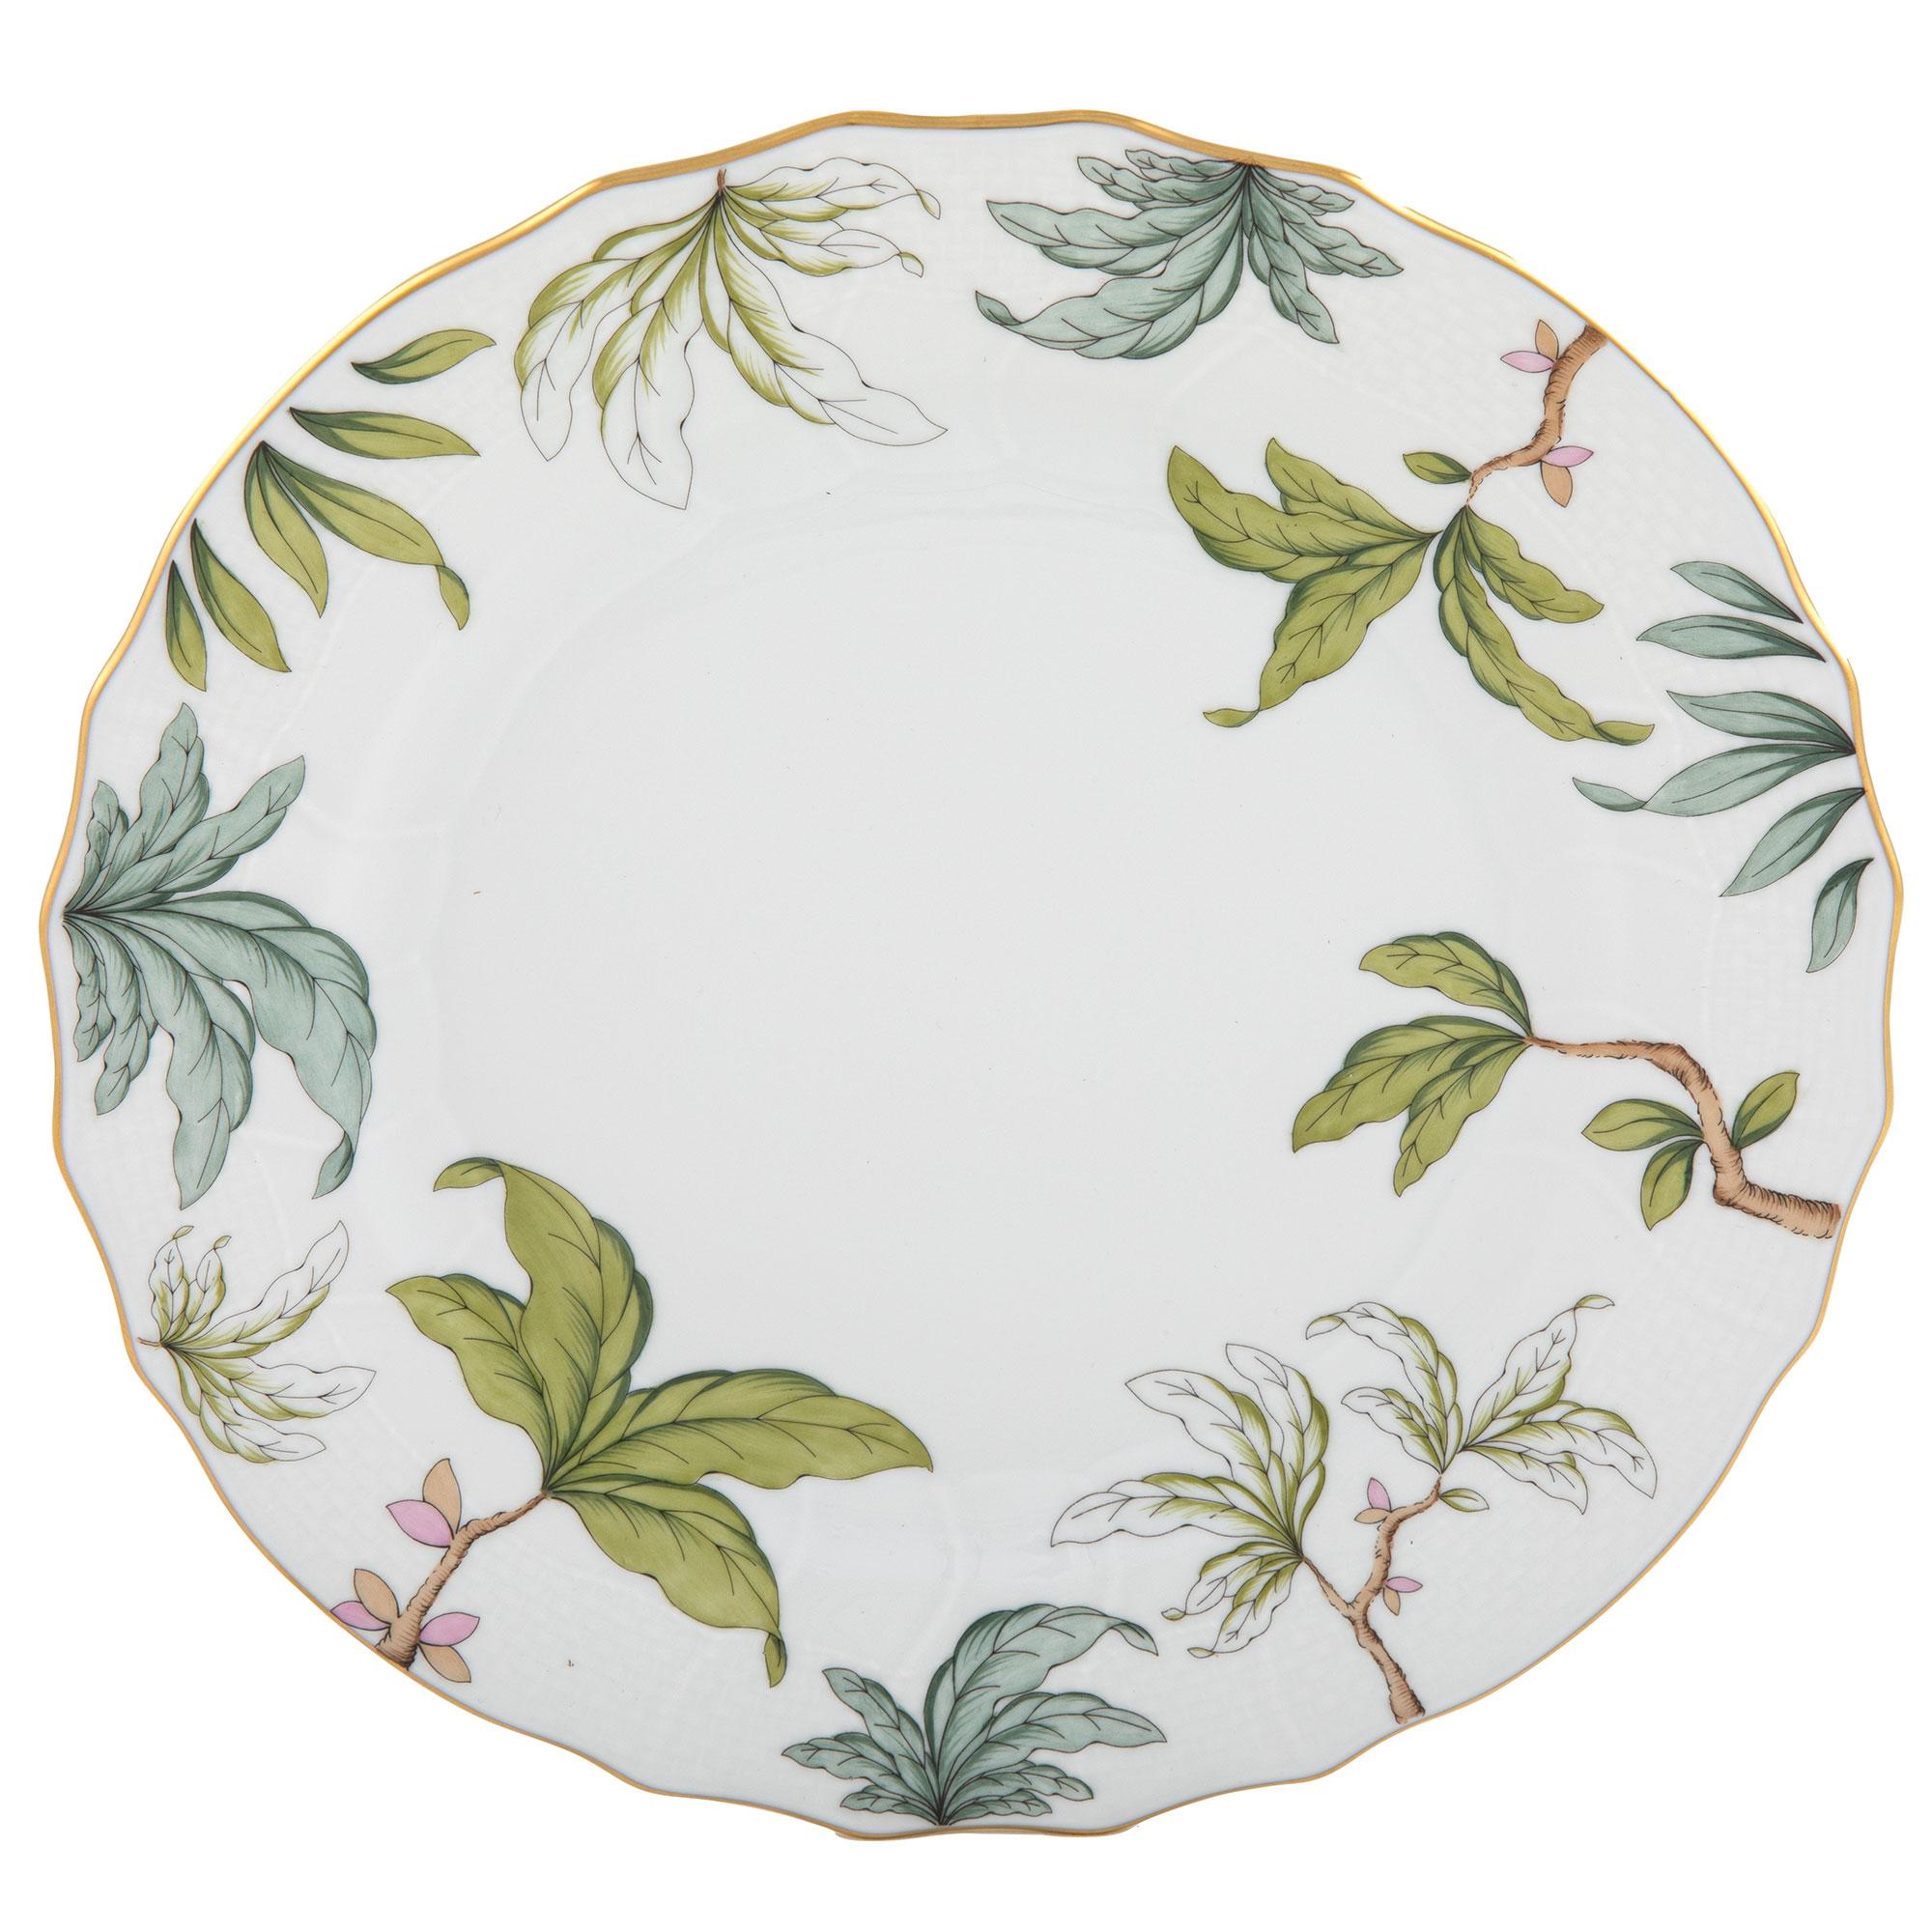 herend-foret-garland-dinner-plate-10.5-in-foretg01524-0-00.jpg